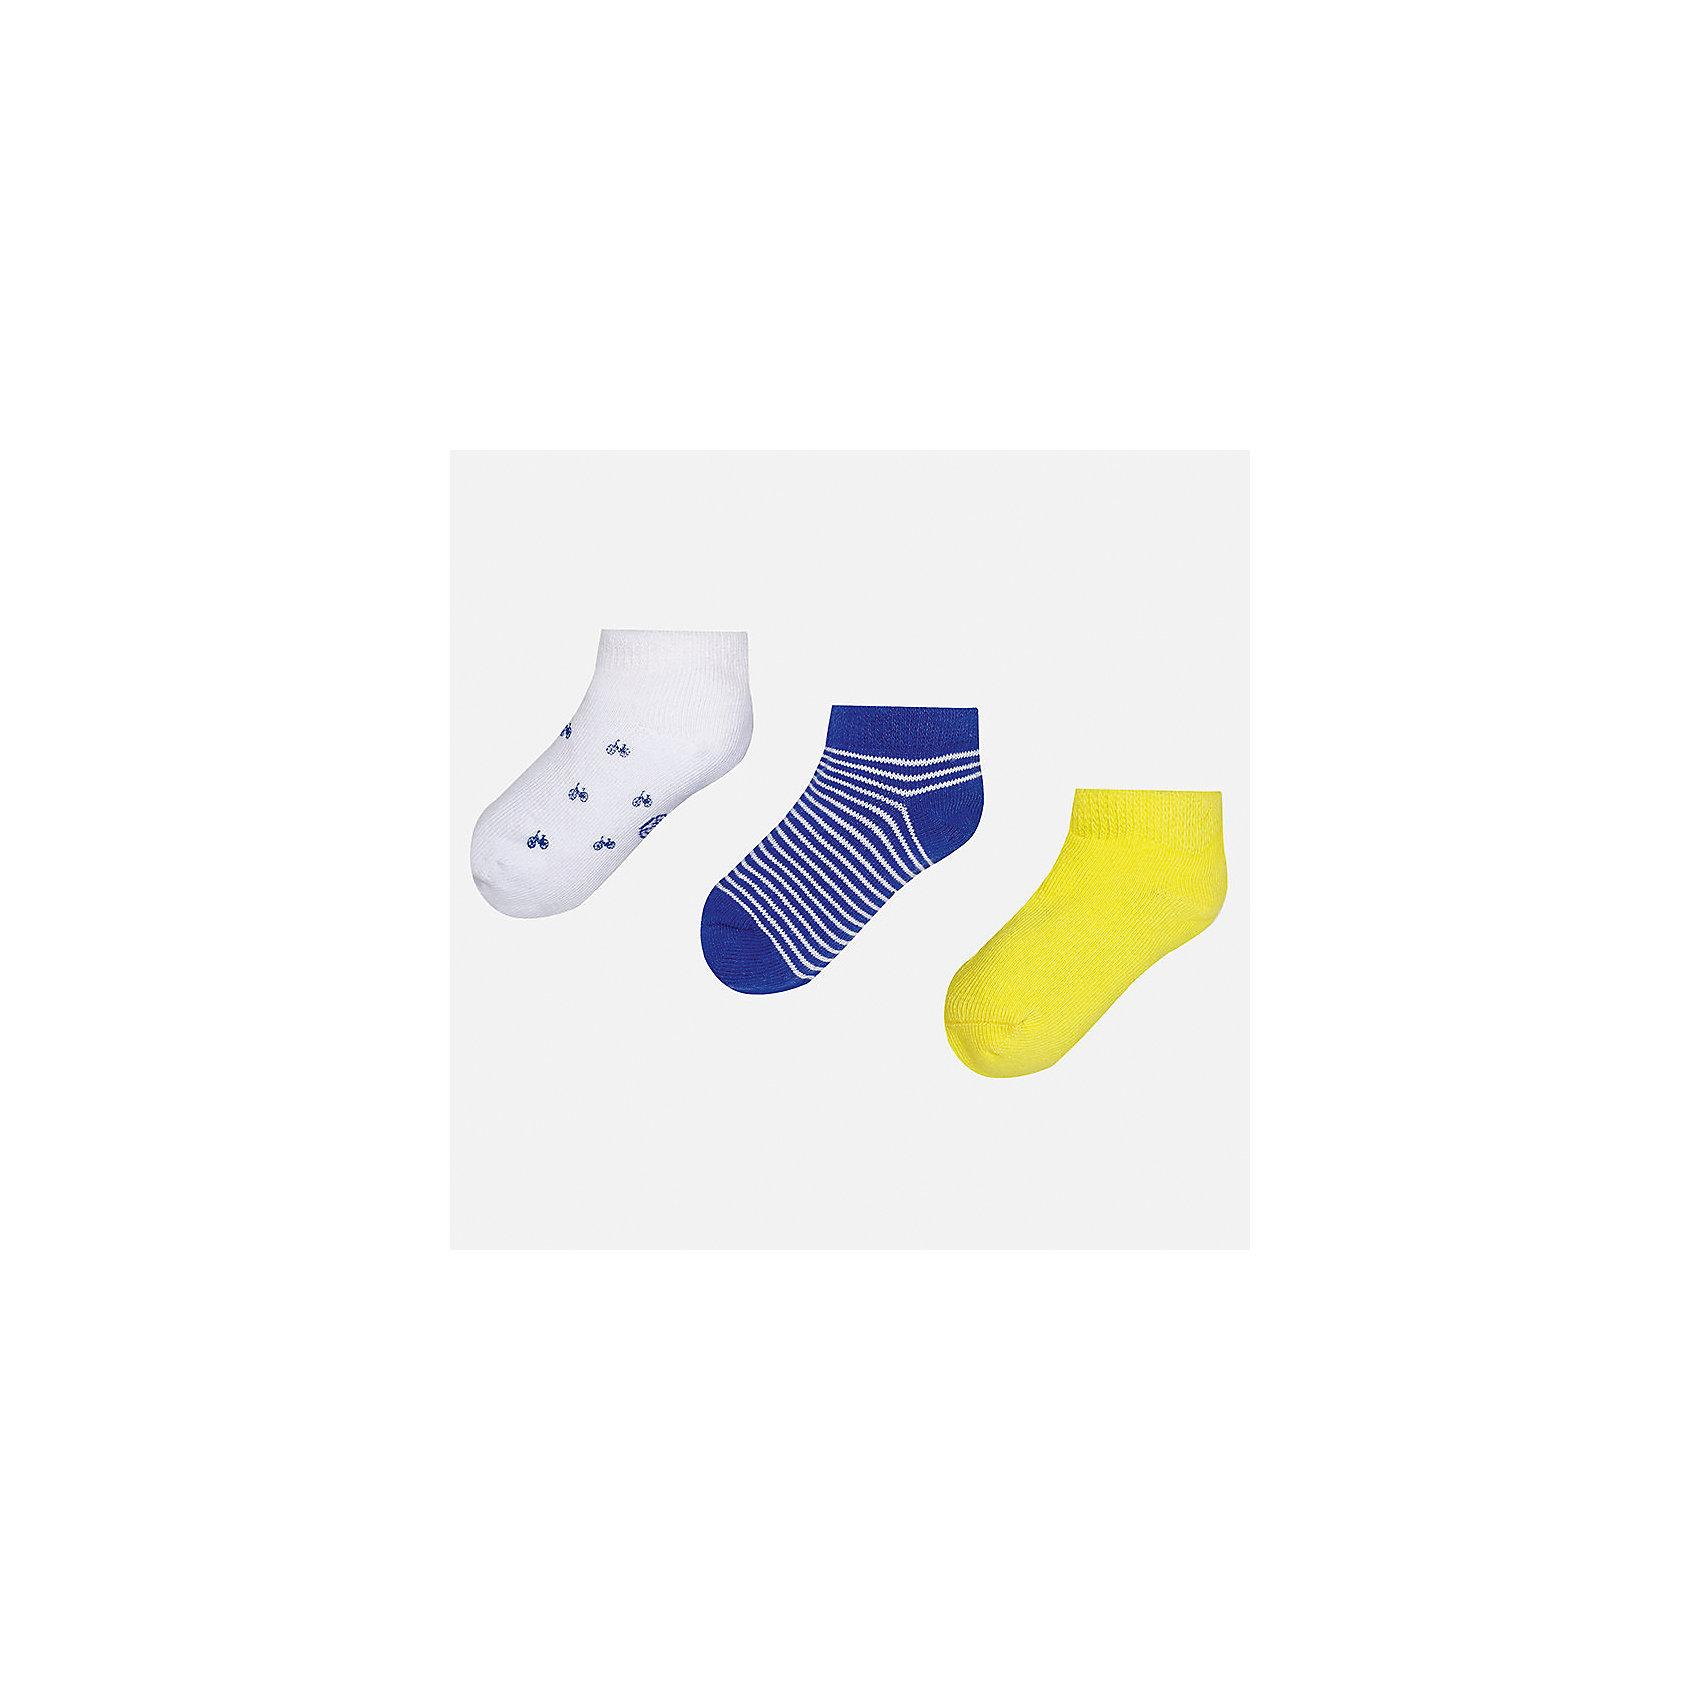 Носки (3 пары) для мальчика MayoralНоски<br>Характеристики товара:<br><br>• цвет: белый/синий/жёлтый<br>• состав: 72% хлопок, 25% полиамид, 3% эластан<br>• комплектация: три пары<br>• мягкая резинка<br>• эластичный материал<br>• декорированы рисунком<br>• страна бренда: Испания<br><br>Удобные симпатичные носки для мальчика помогут обеспечить ребенку комфорт и дополнить наряд. Универсальный цвет позволяет надевать их под обувь разных расцветок. Носки удобно сидят на ноге и аккуратно смотрятся. Этот комплект - практичный и красивый! В составе материала - натуральный хлопок, гипоаллергенный, приятный на ощупь, дышащий. <br><br>Одежда, обувь и аксессуары от испанского бренда Mayoral полюбились детям и взрослым по всему миру. Модели этой марки - стильные и удобные. Для их производства используются только безопасные, качественные материалы и фурнитура. Порадуйте ребенка модными и красивыми вещами от Mayoral! <br><br>Носки (3 пары) для мальчика от испанского бренда Mayoral (Майорал) можно купить в нашем интернет-магазине.<br><br>Ширина мм: 87<br>Глубина мм: 10<br>Высота мм: 105<br>Вес г: 115<br>Цвет: желтый<br>Возраст от месяцев: 12<br>Возраст до месяцев: 24<br>Пол: Мужской<br>Возраст: Детский<br>Размер: 2,1<br>SKU: 5294232